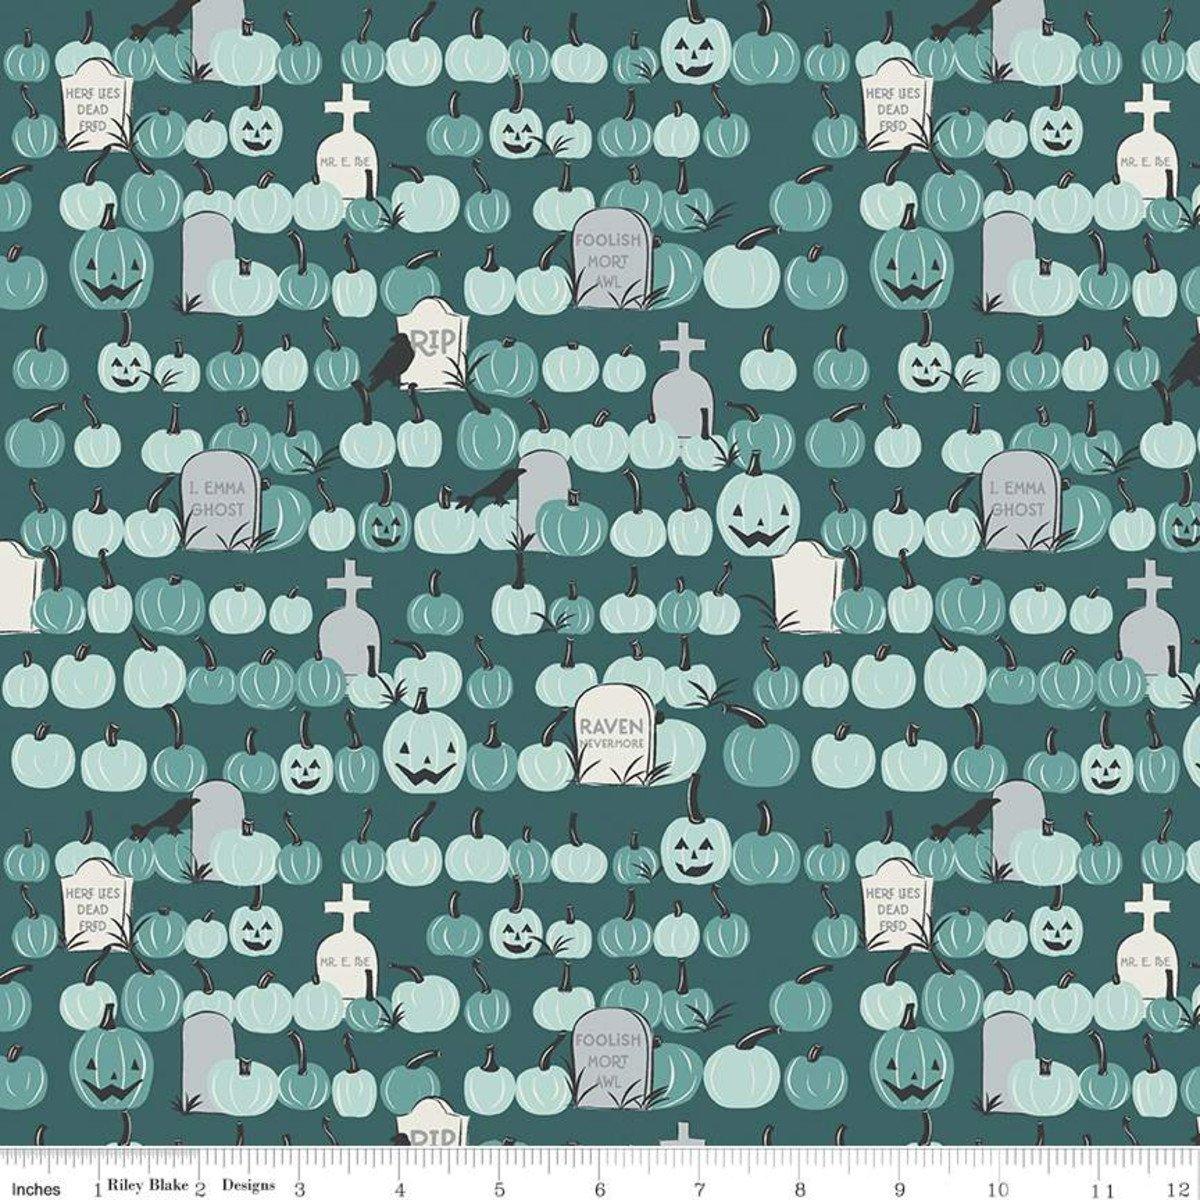 Riley Blake Designs, Spooky Hollow - Pumpkins Teal